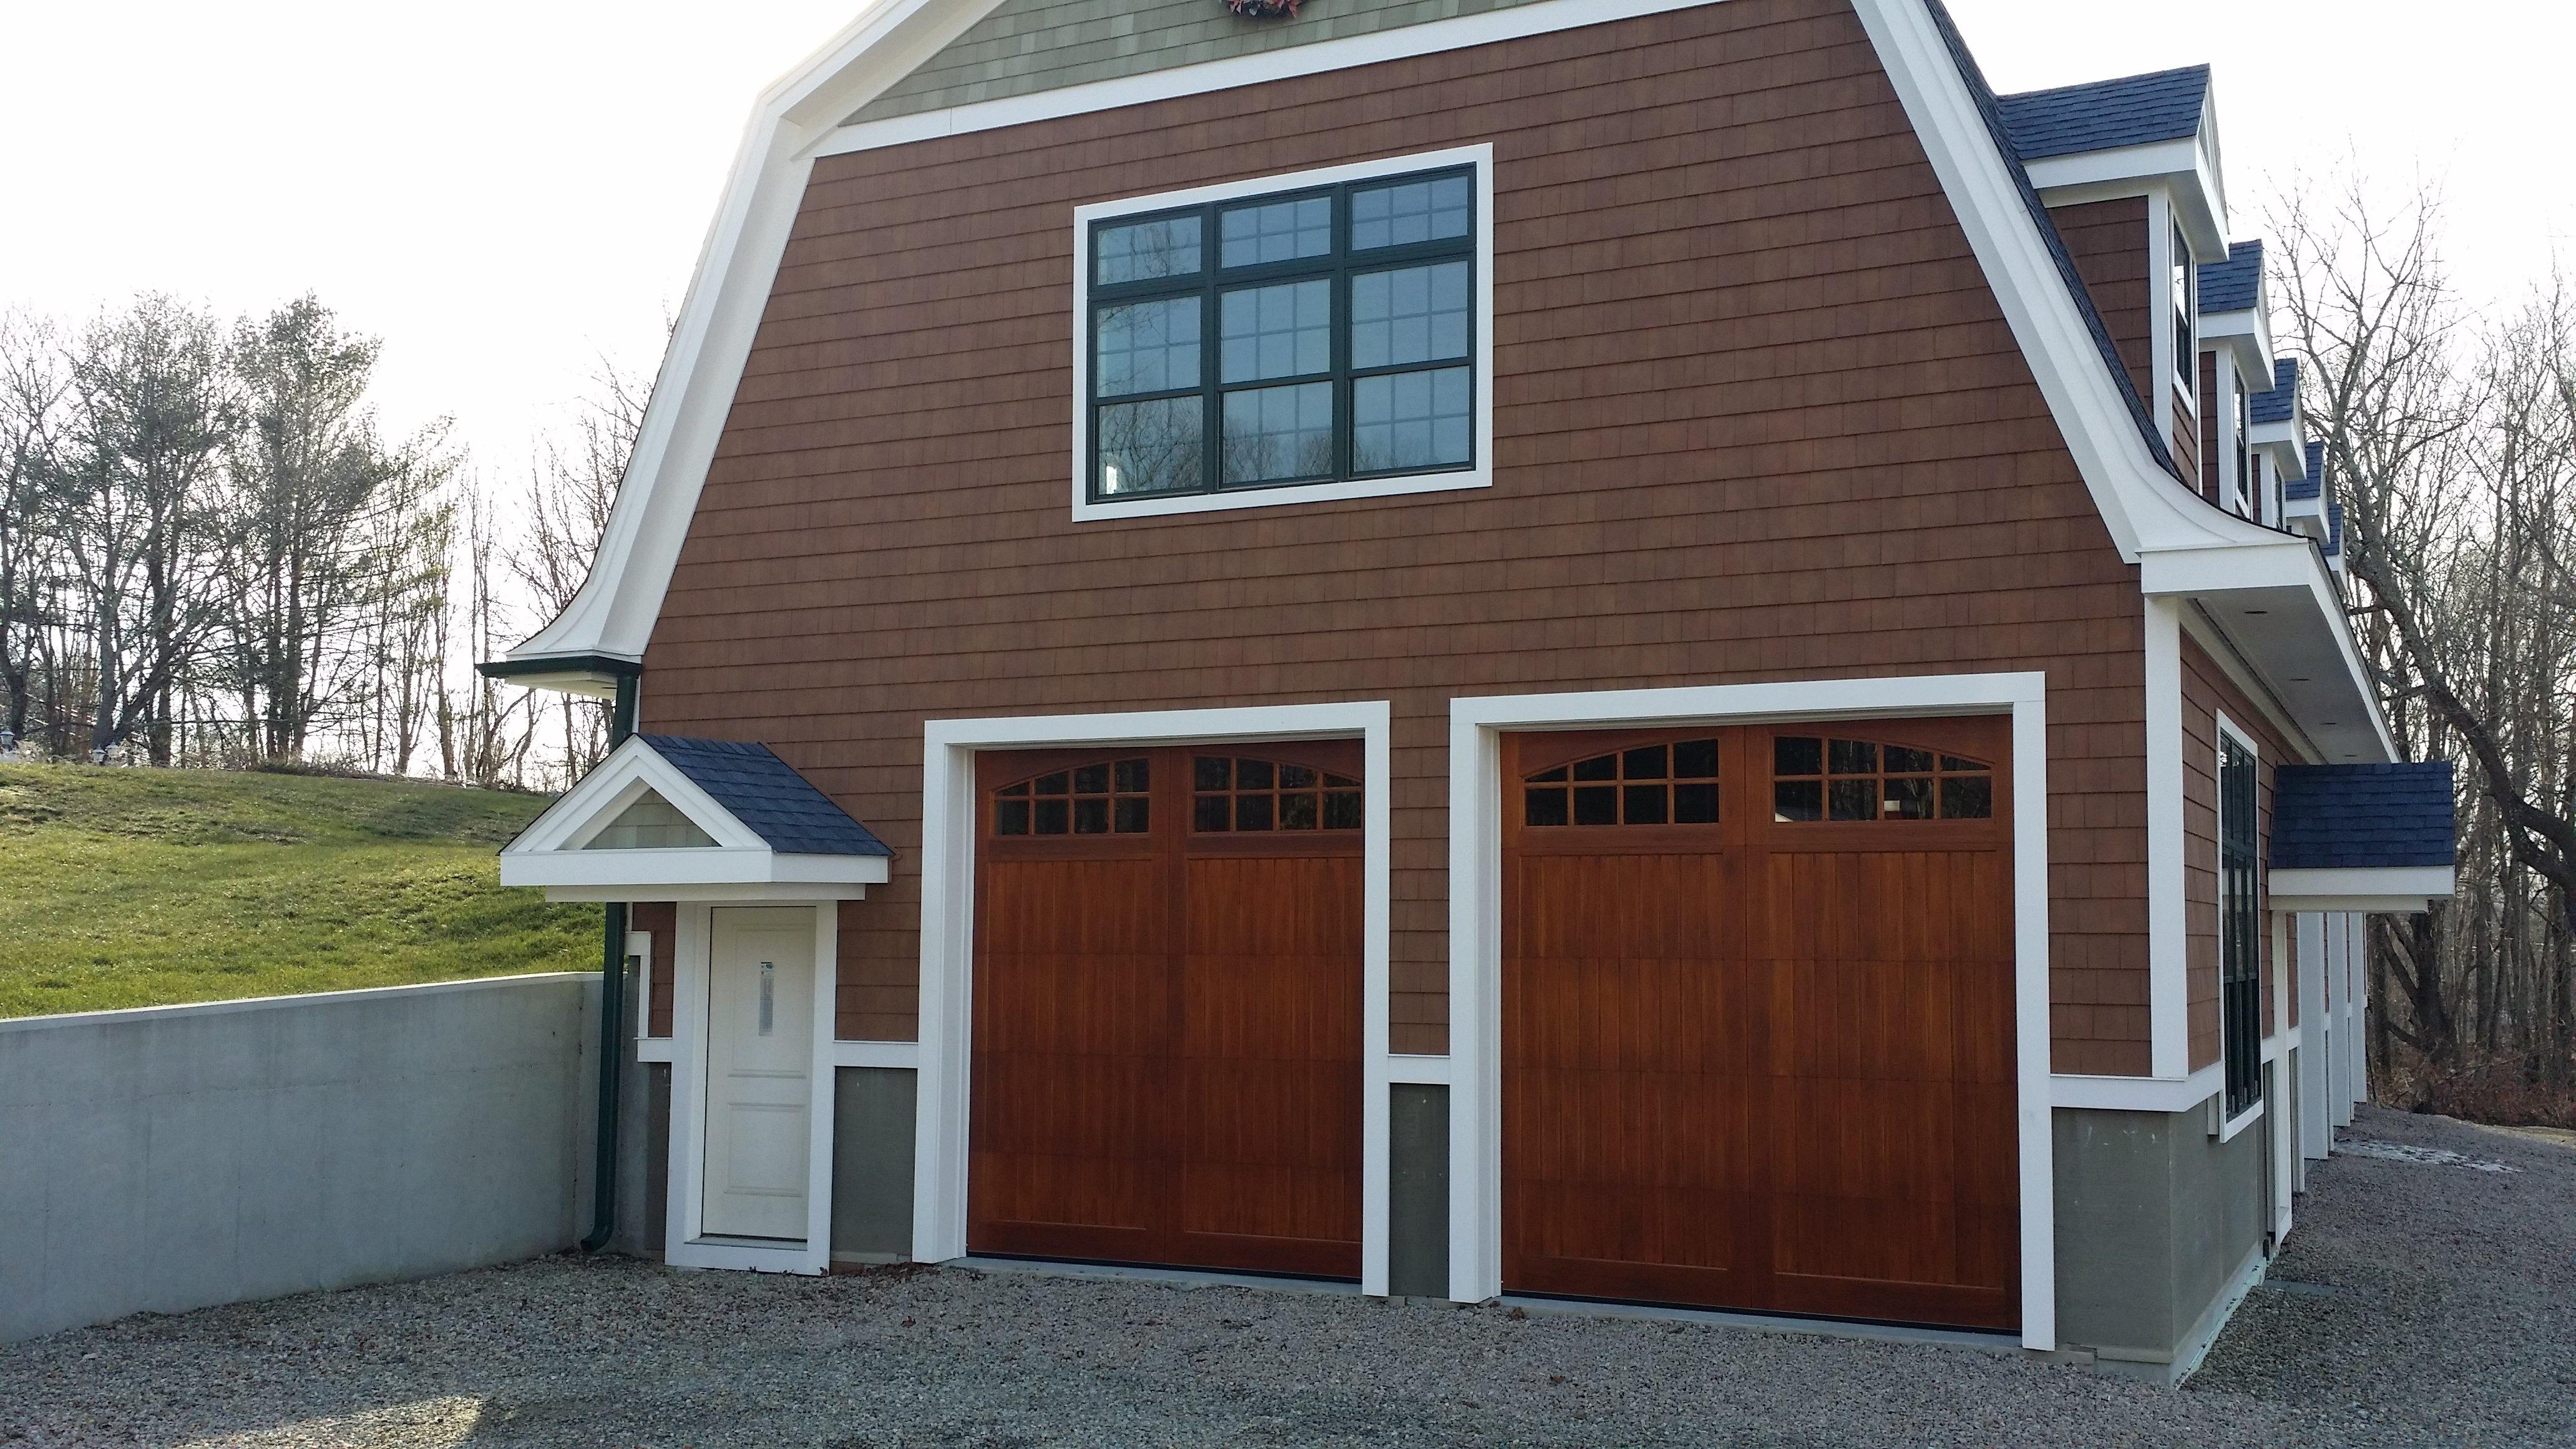 High quality garage installation work in Salem